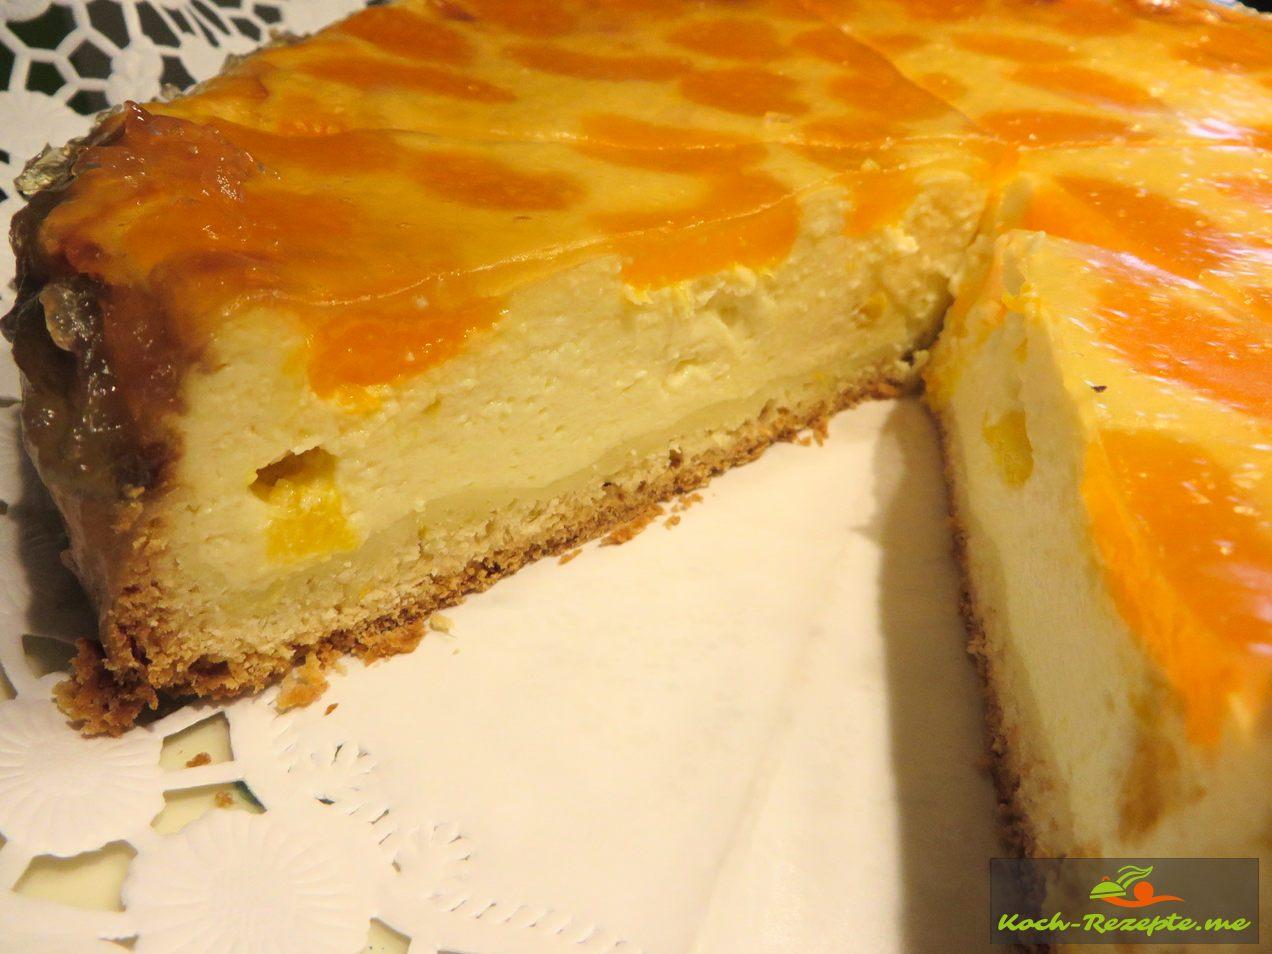 Käsekuchen einfach mit Mandarinen anschneiden